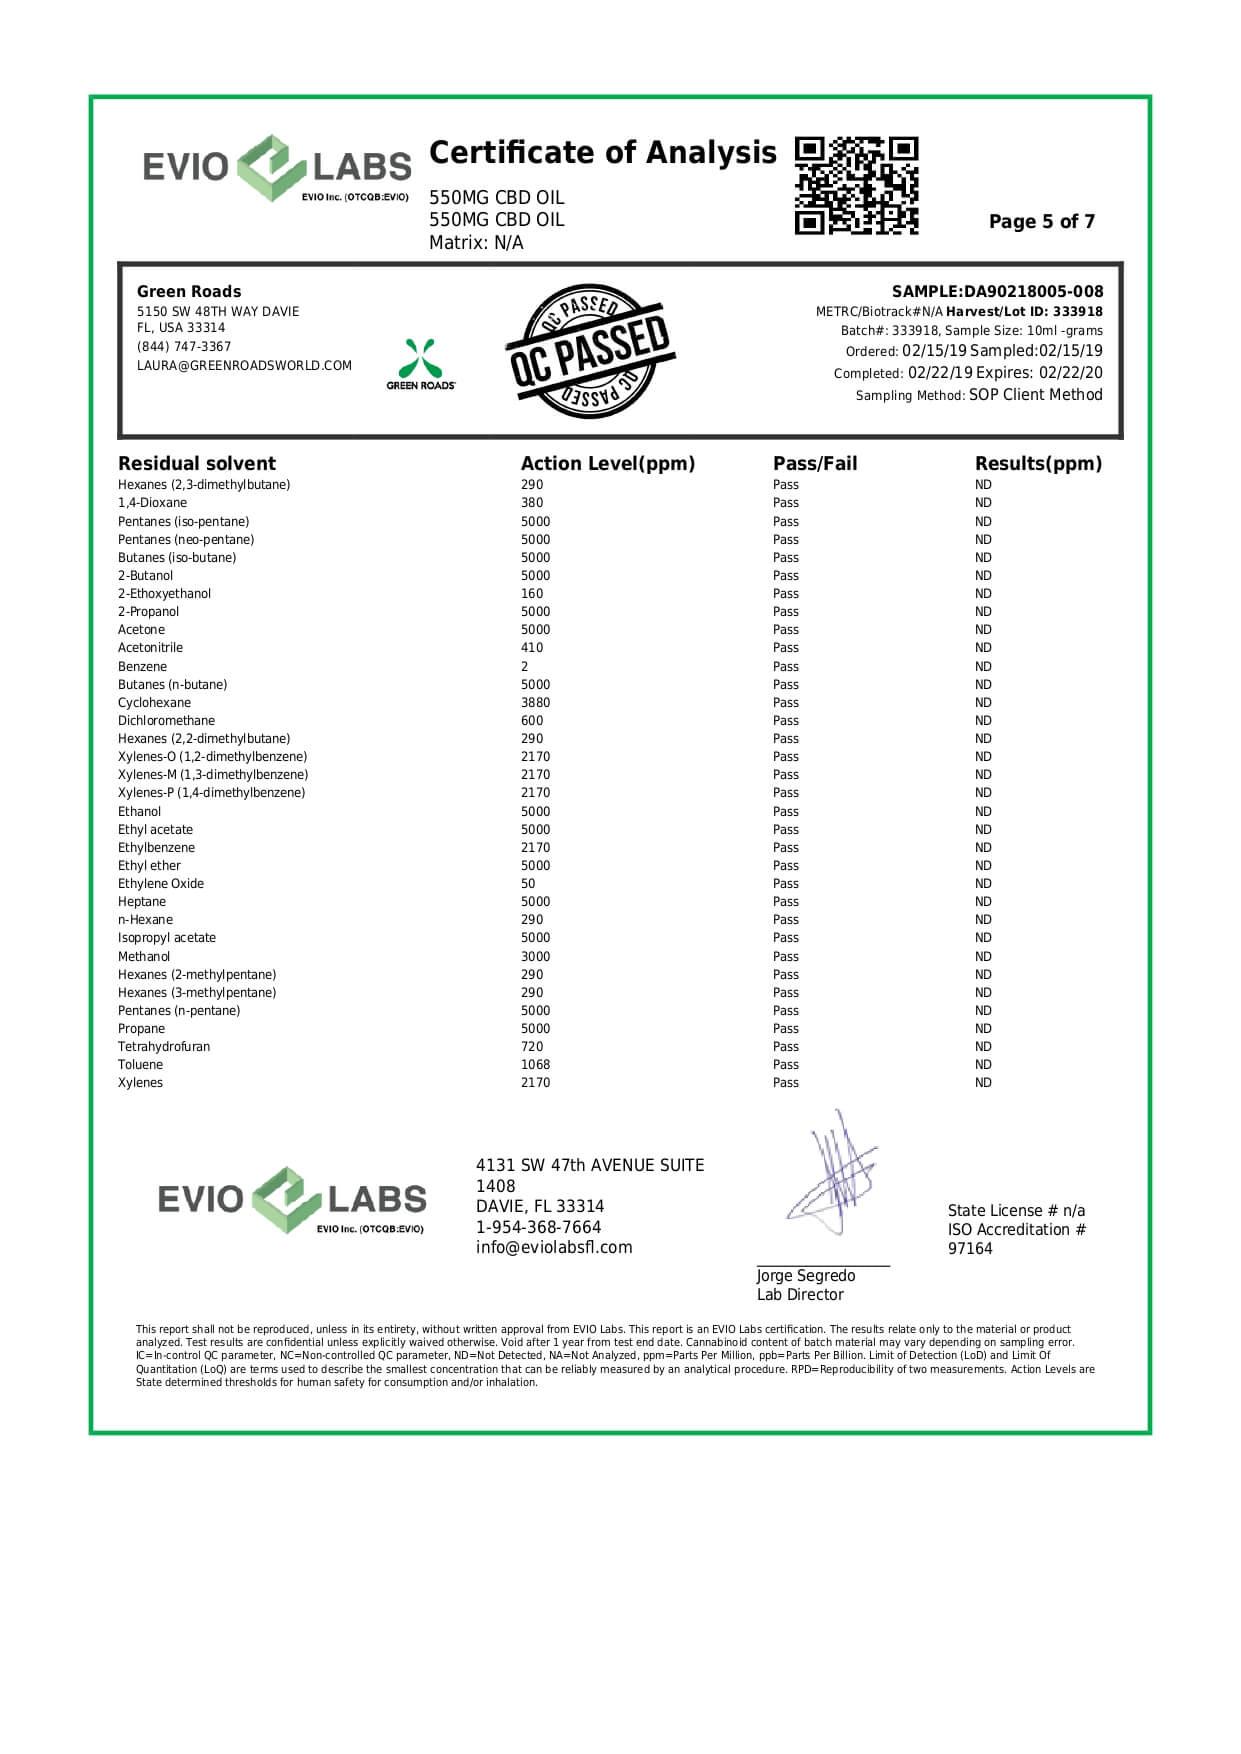 Green Roads CBD Oil 550mg Lab Report